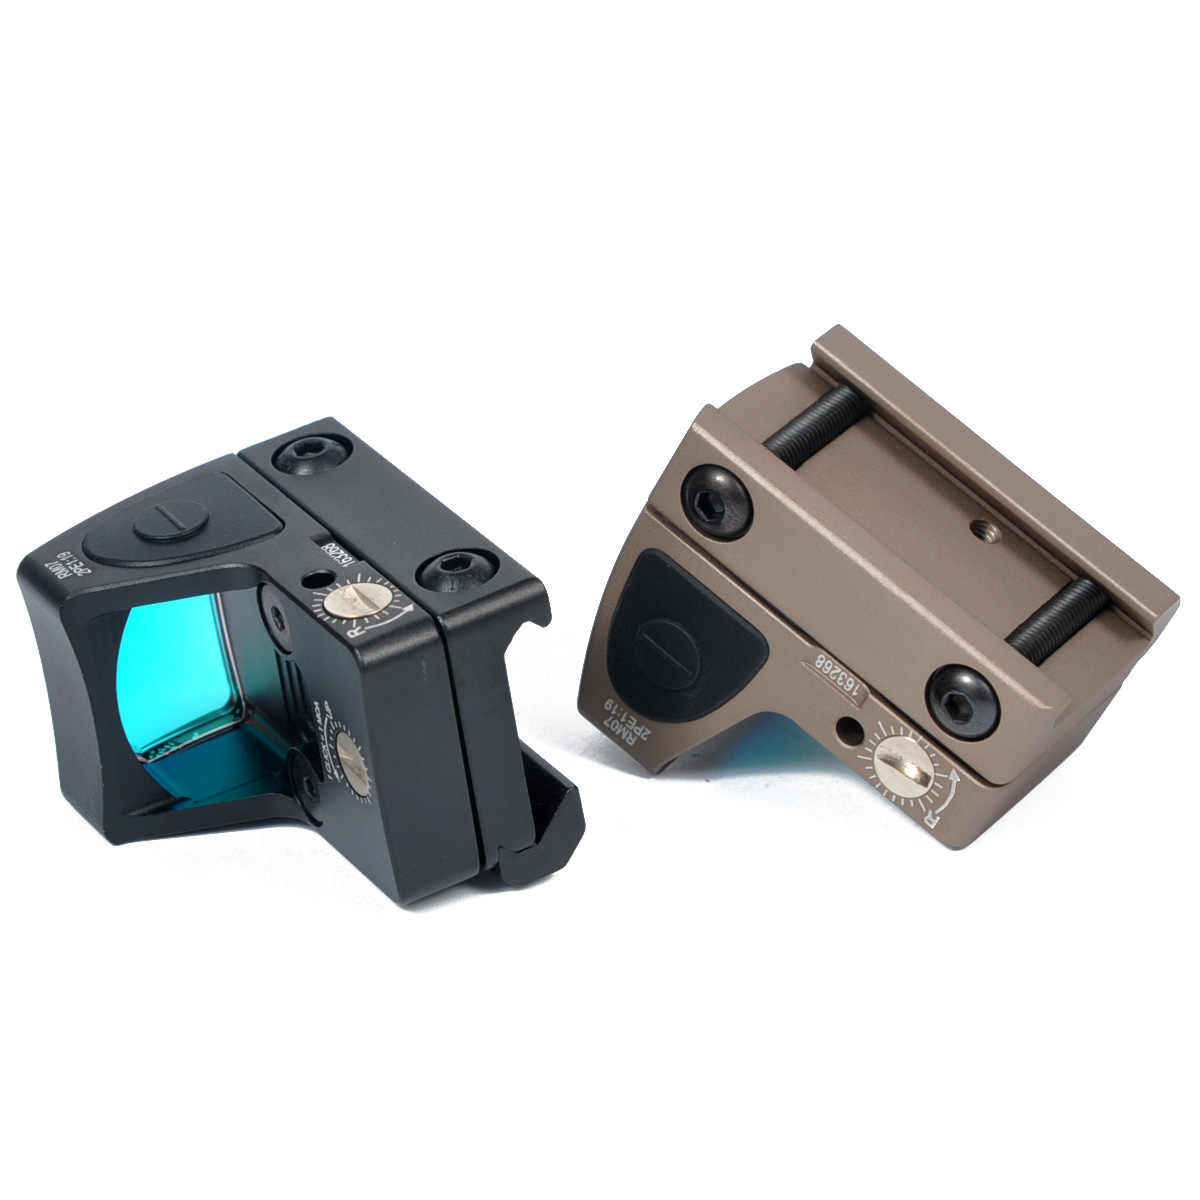 Táctico ajustable Trijicon RMR punto rojo reflejo vista 3,25 MOA de miras de caza para KSC Glock y 1913 Airsoft pistola